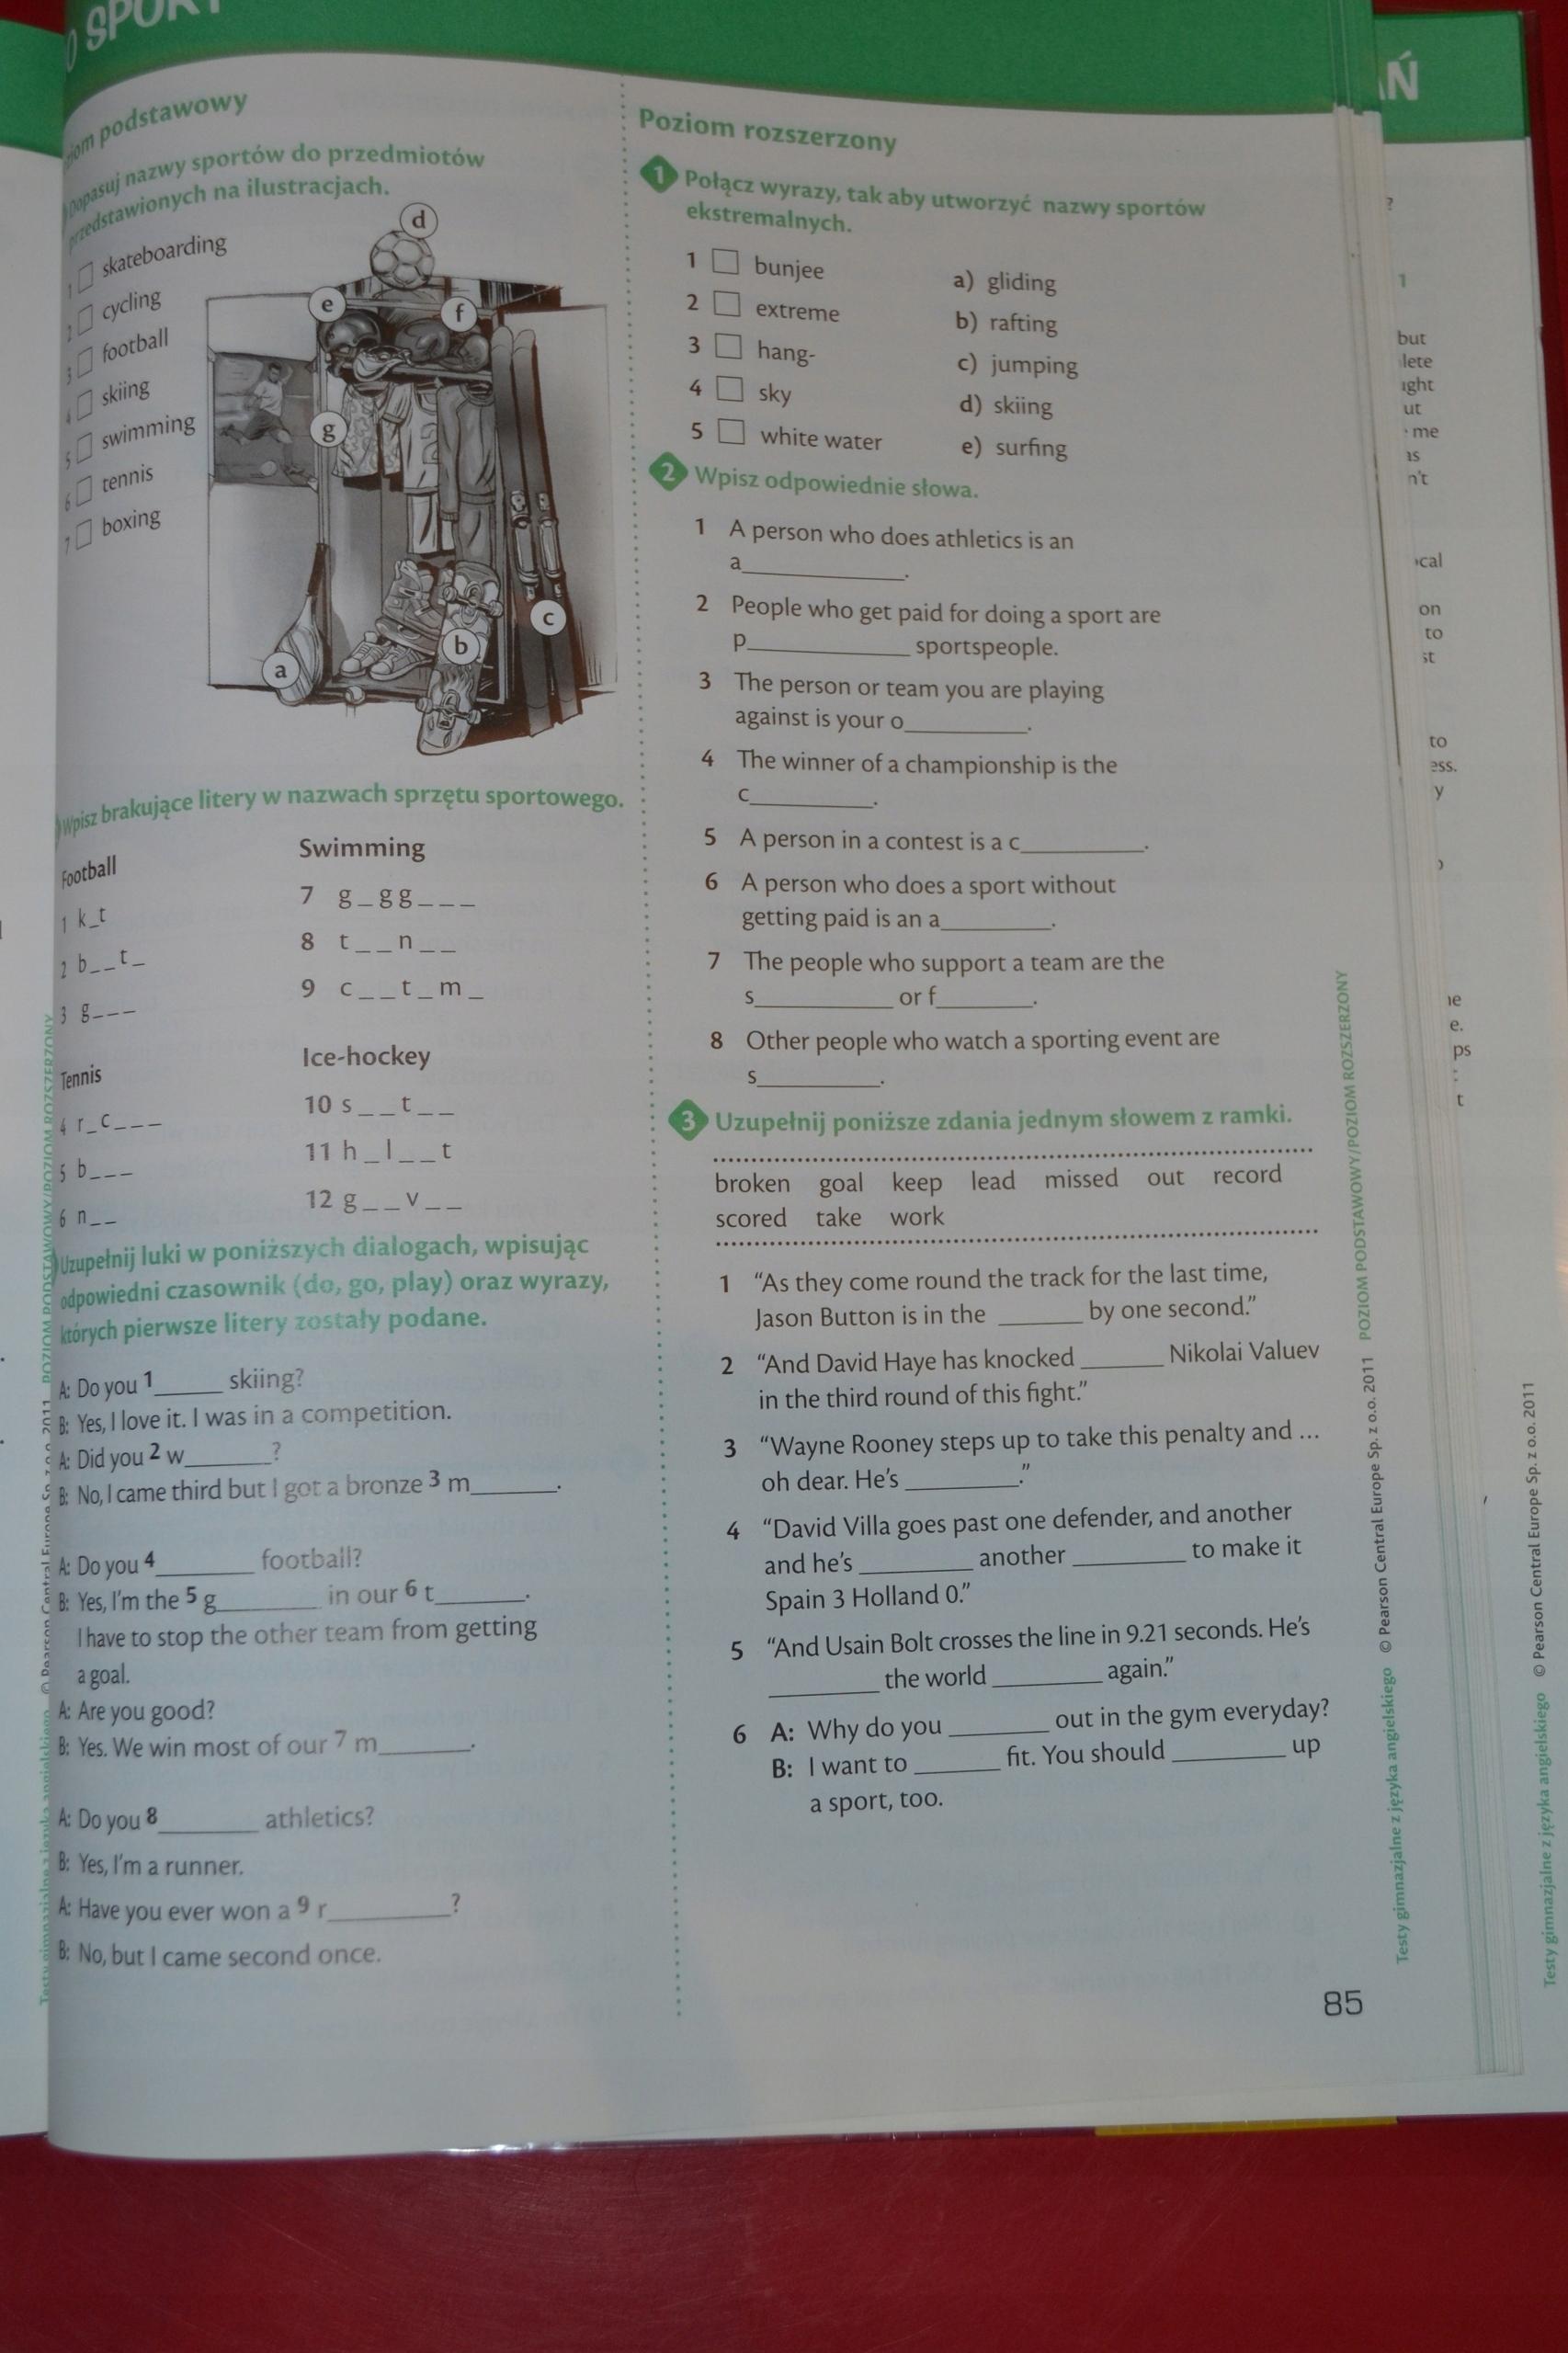 Modish Longman język angielski testy gimnazjalne - 7466477546 - oficjalne WB92